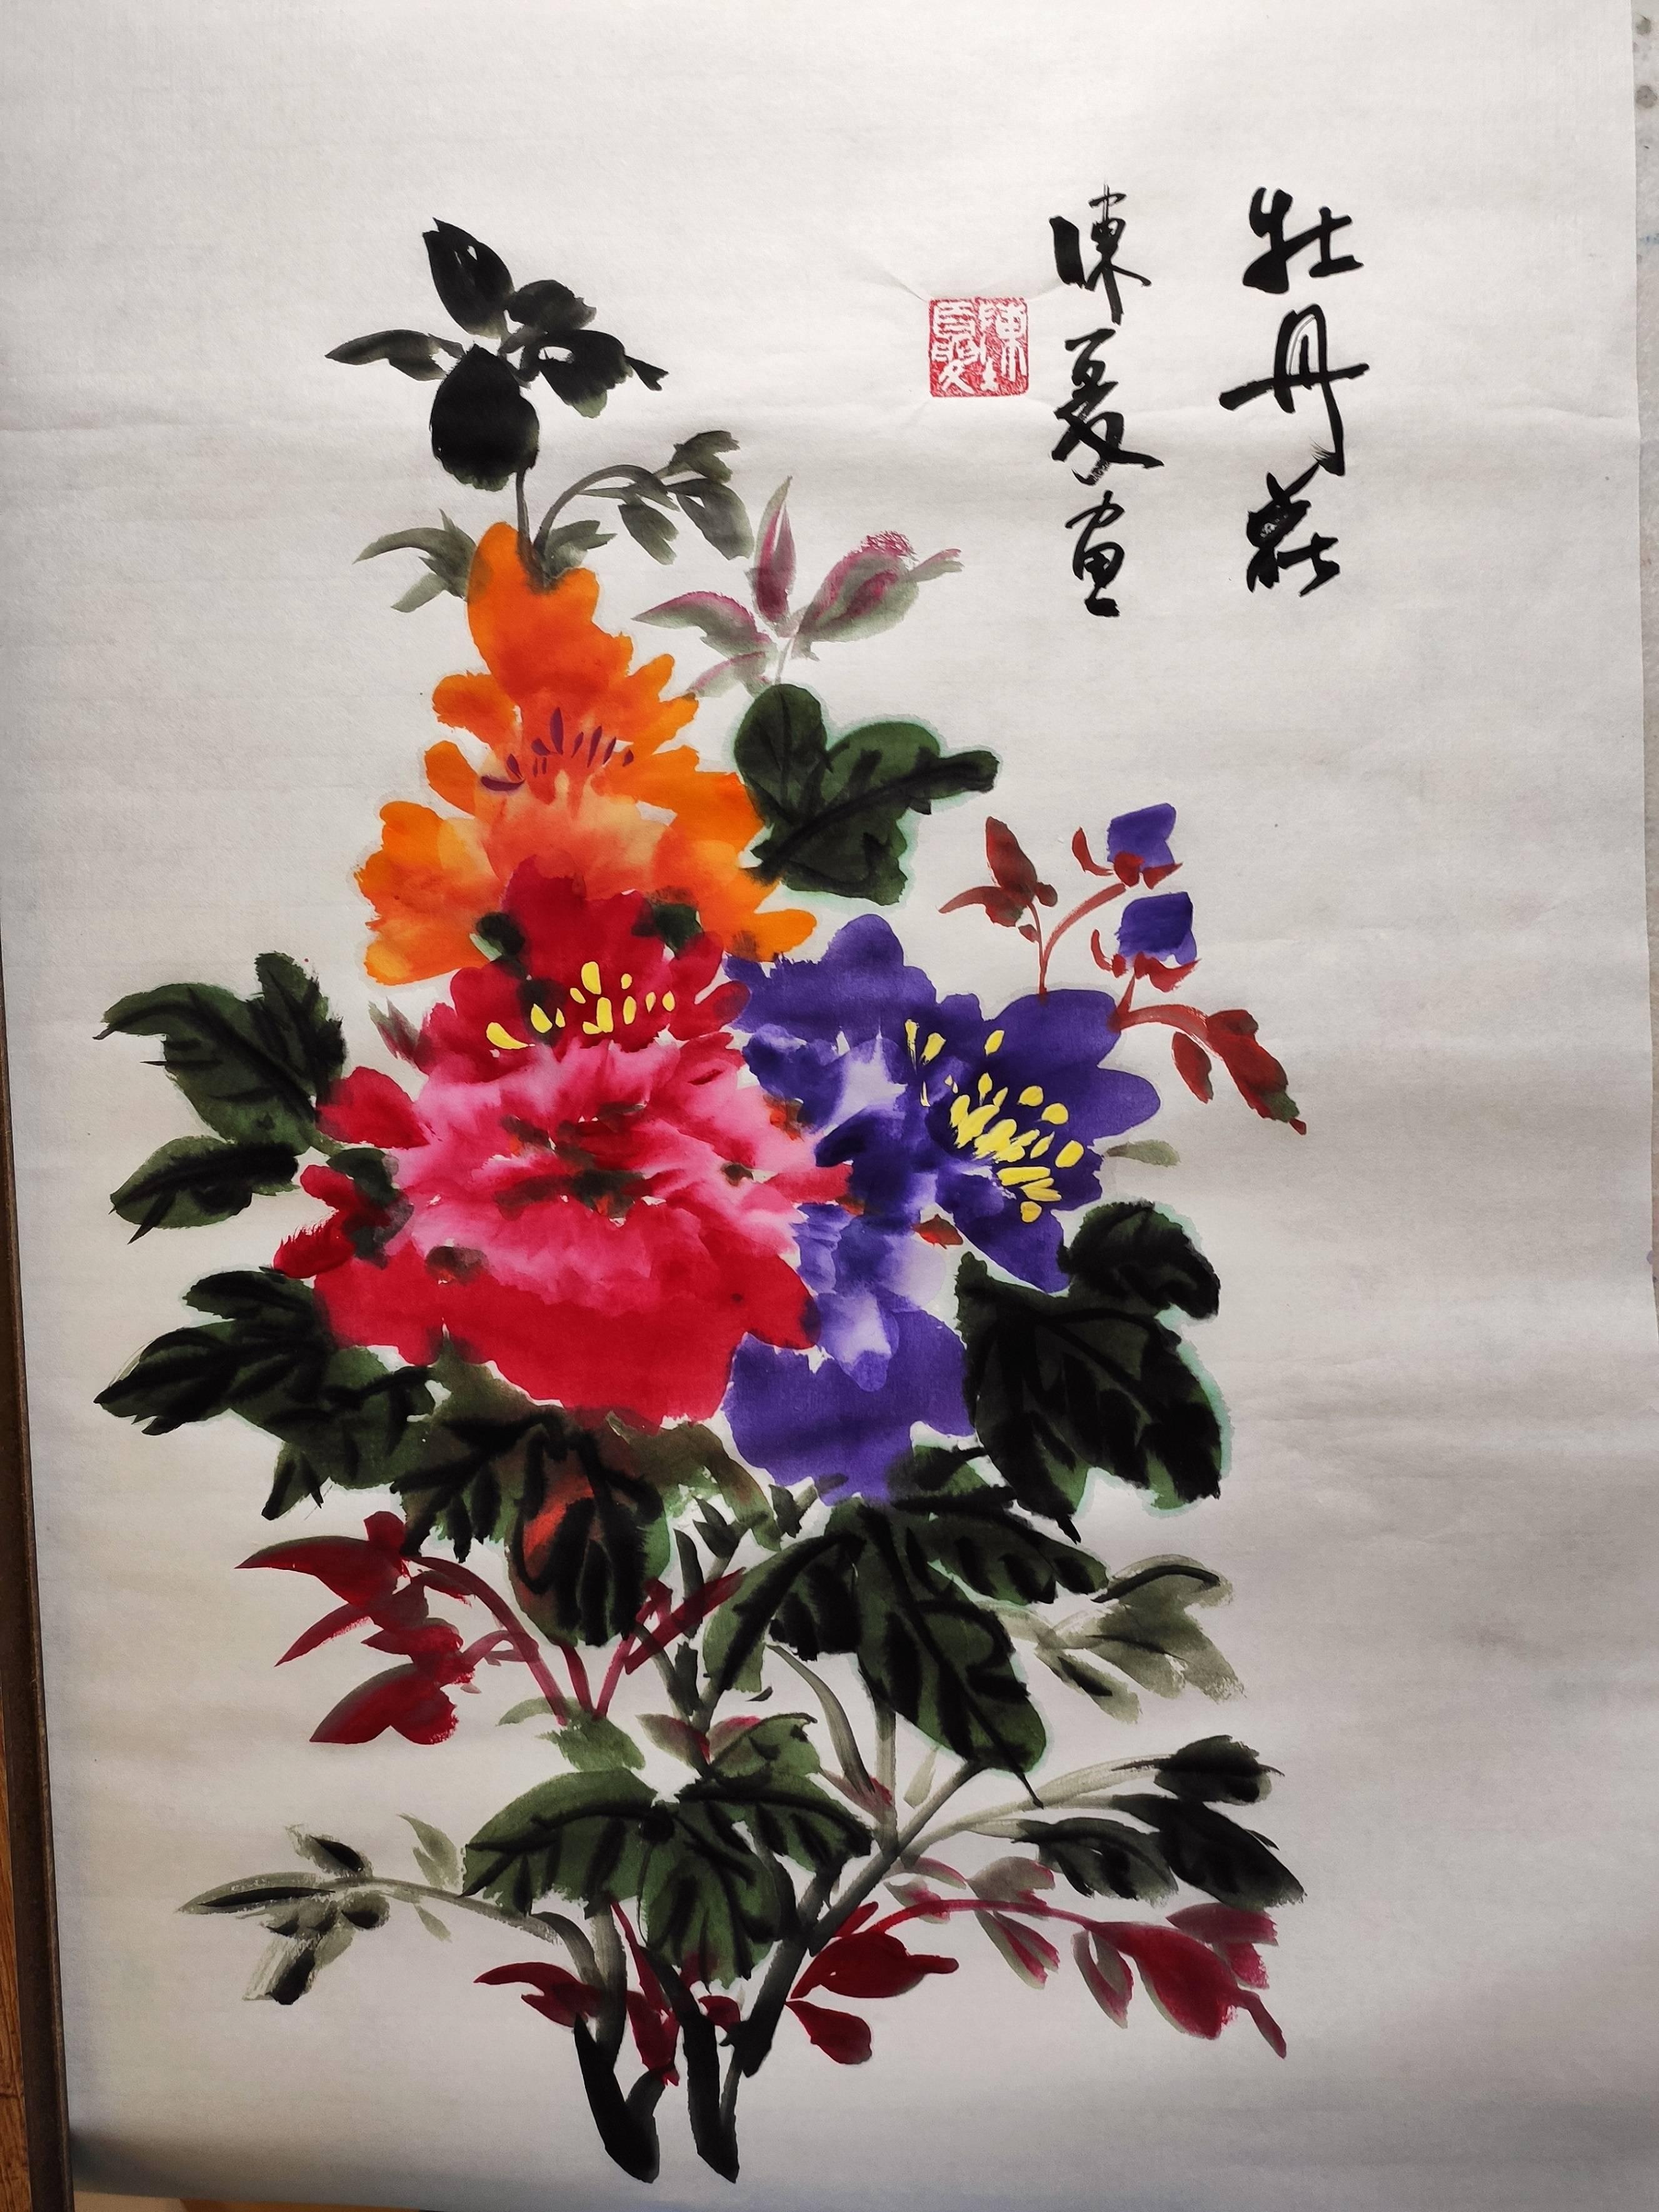 黄牡丹画法  一捧玫瑰花的简画